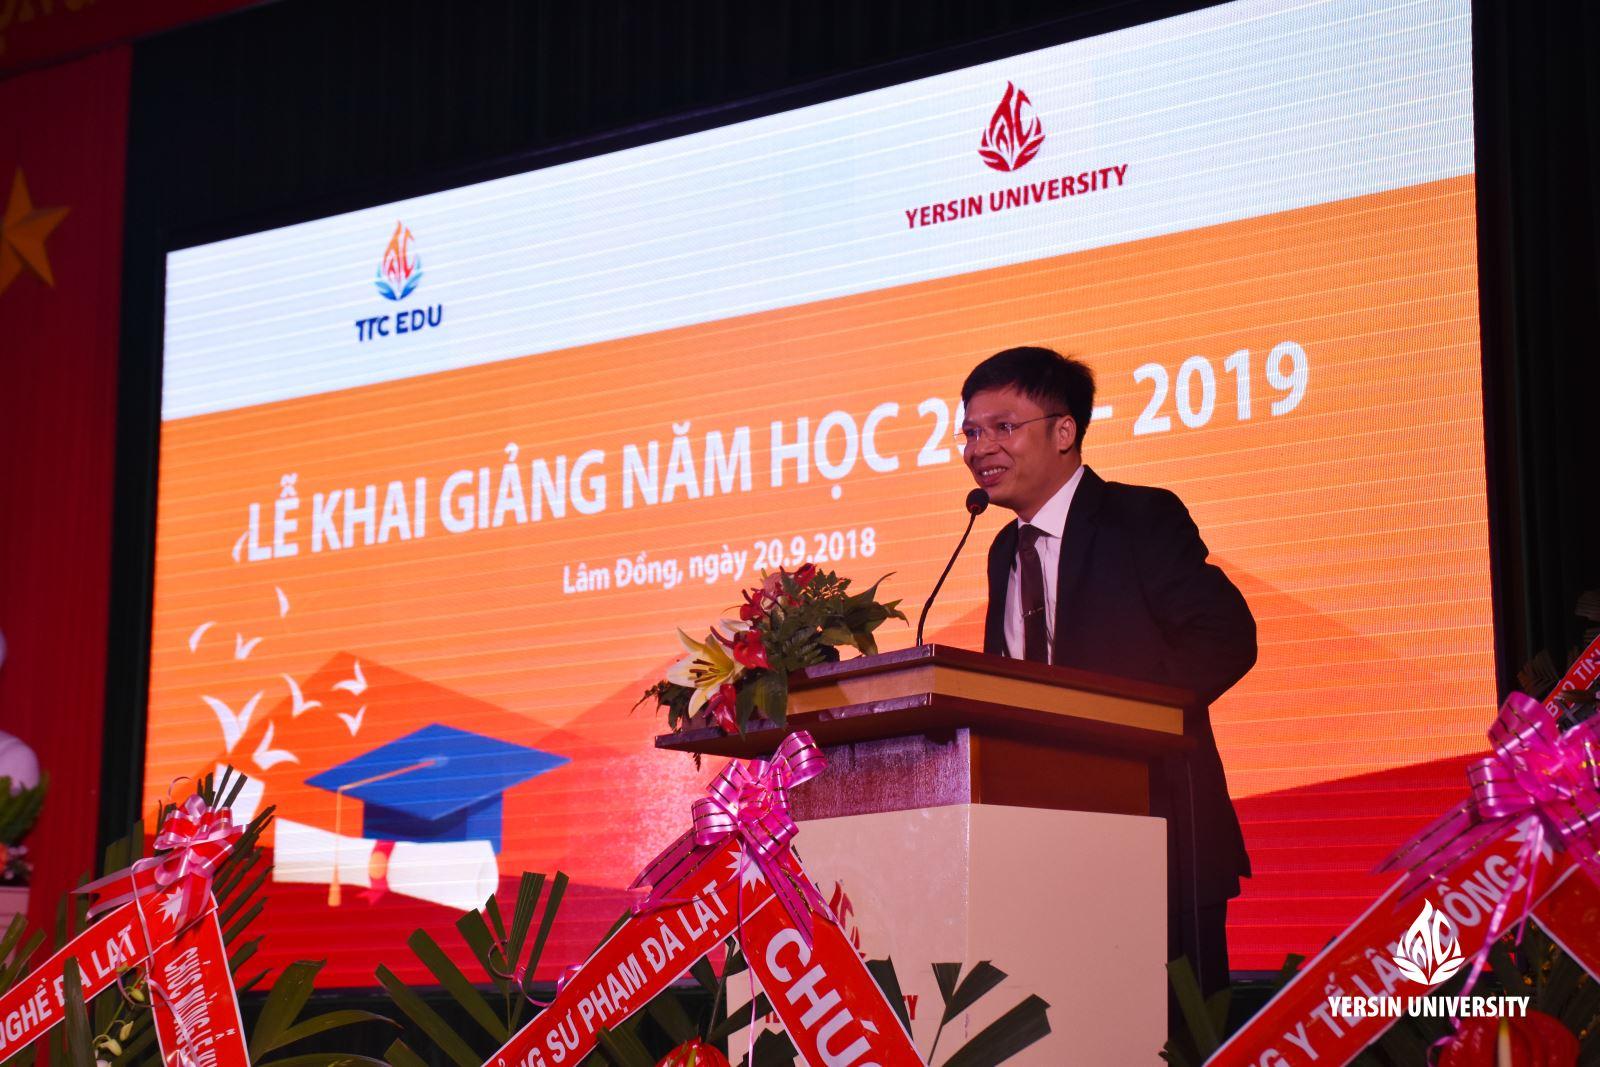 TS. Phạm Đình Trung - Hiệu trưởng nhà trường phát biểu tại buổi lễ